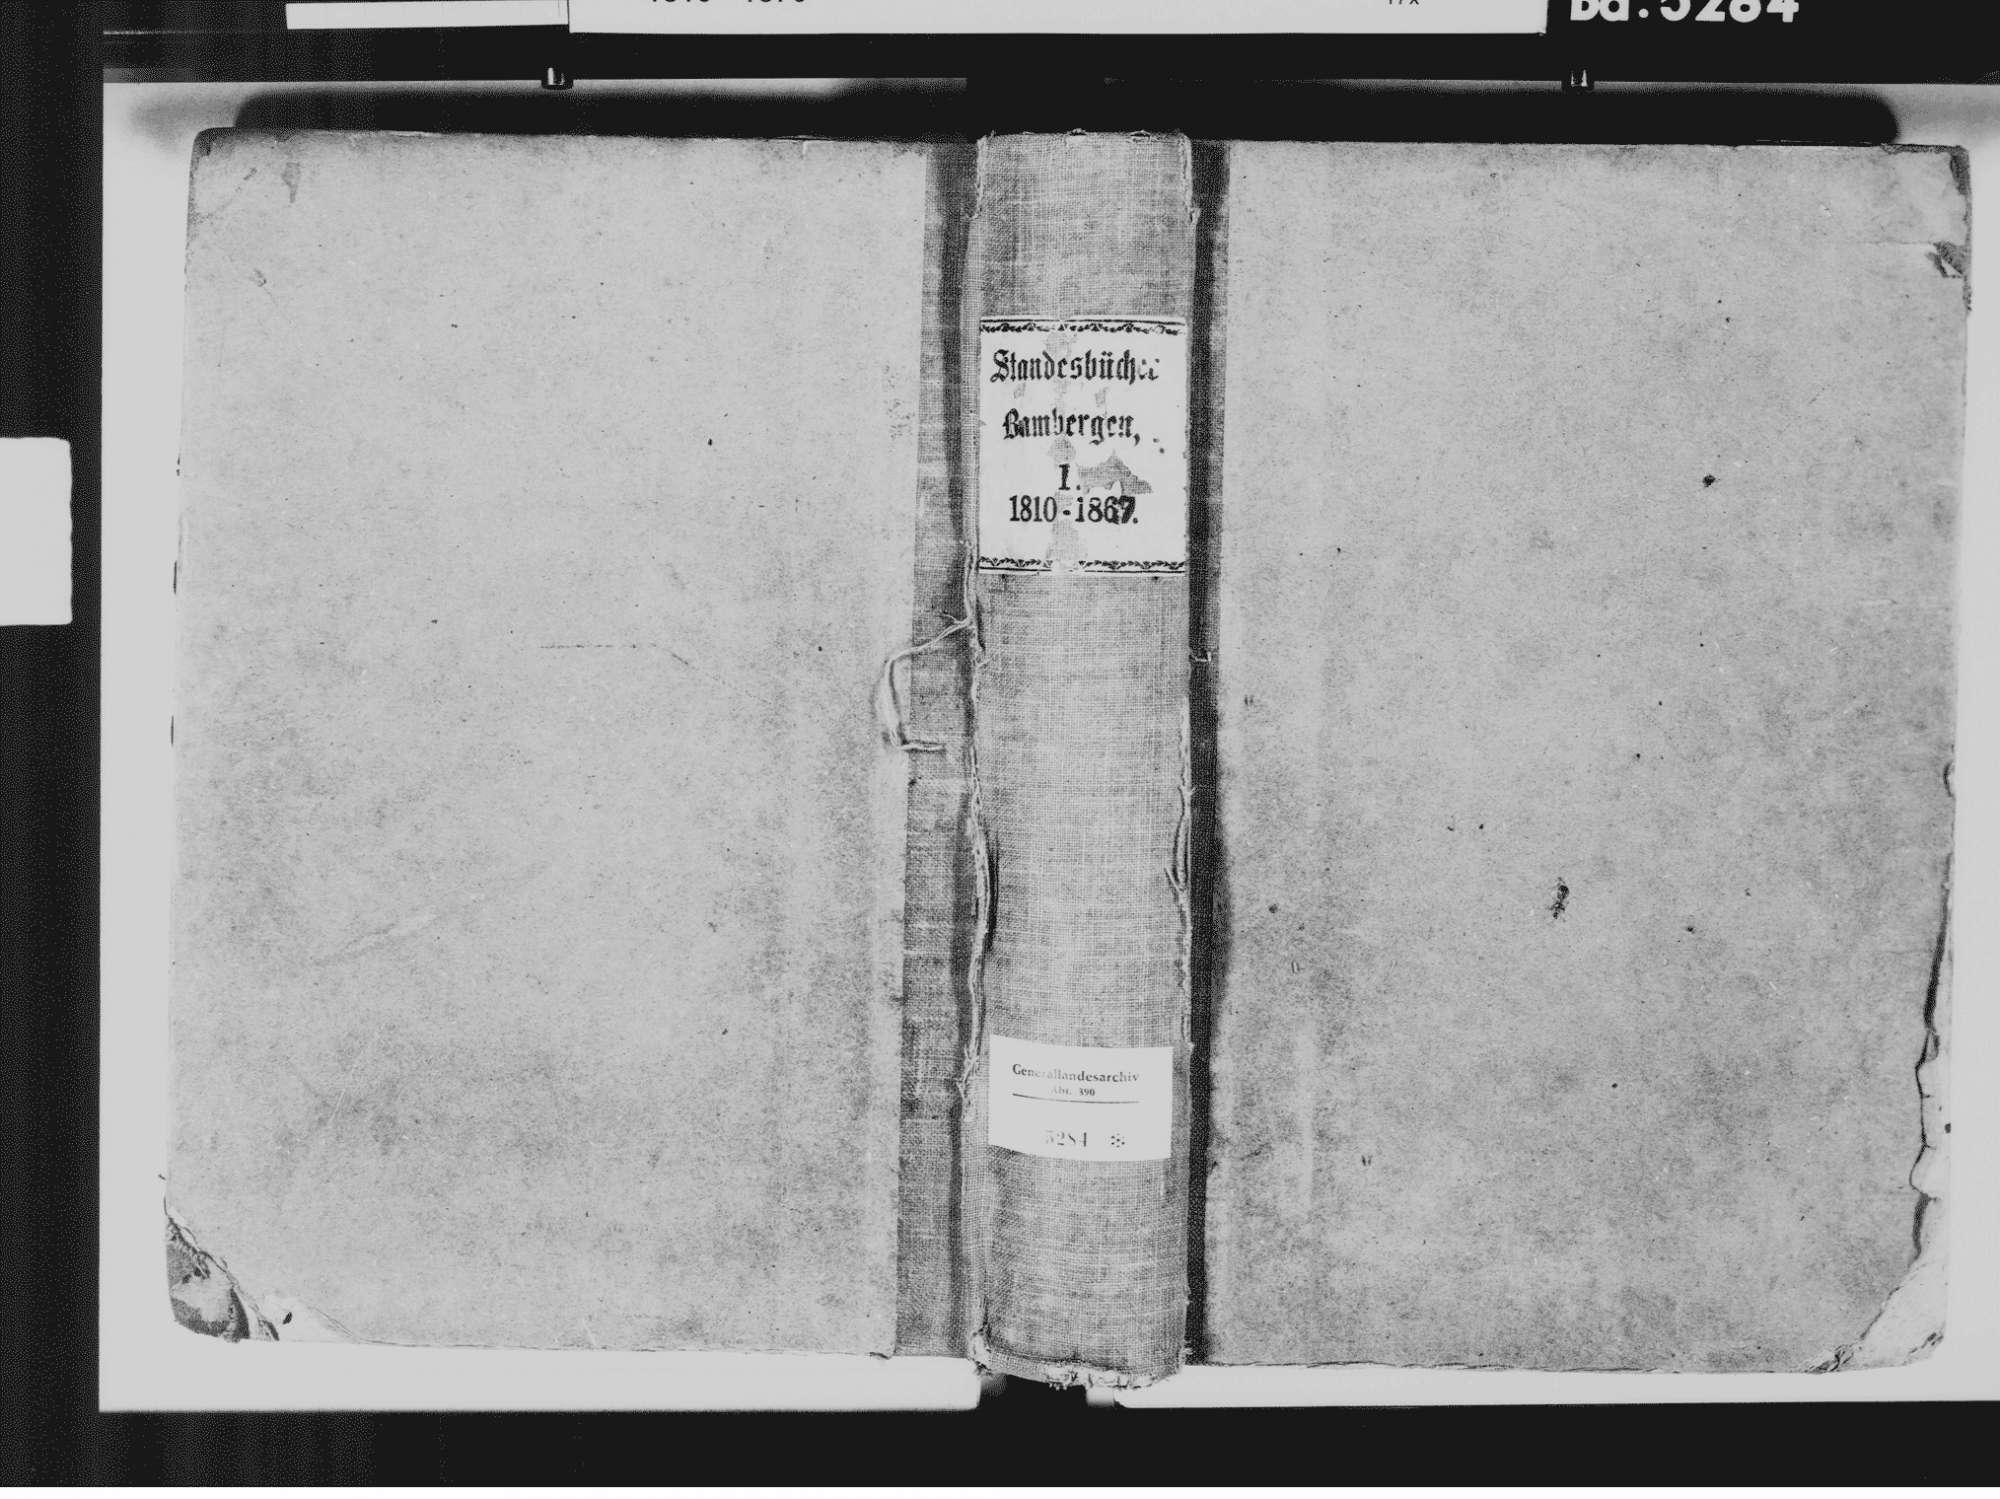 Bambergen, Überlingen FN; Katholische Gemeinde: Standesbuch 1810-1869, Bild 2